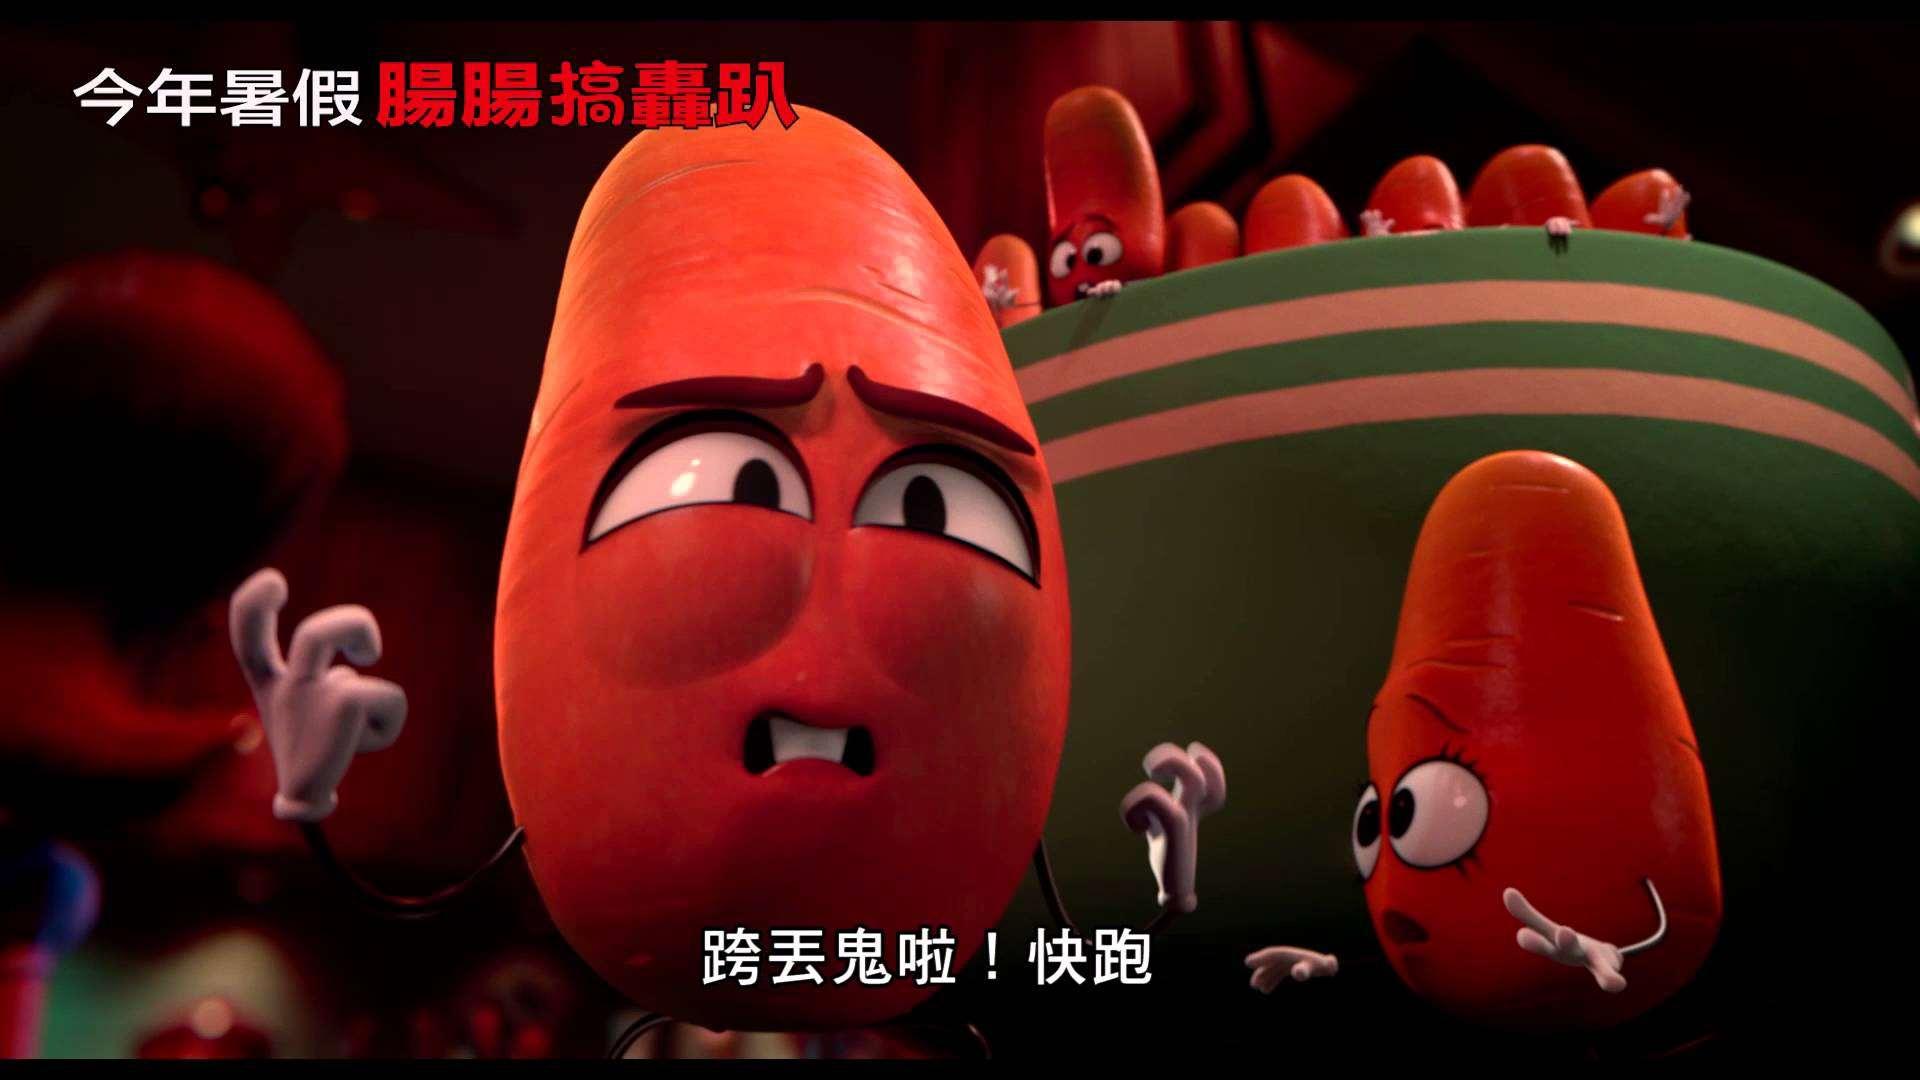 不!限制級動畫《腸腸搞轟趴》取消臺灣上映(三個預告片讓你看) - COCO01